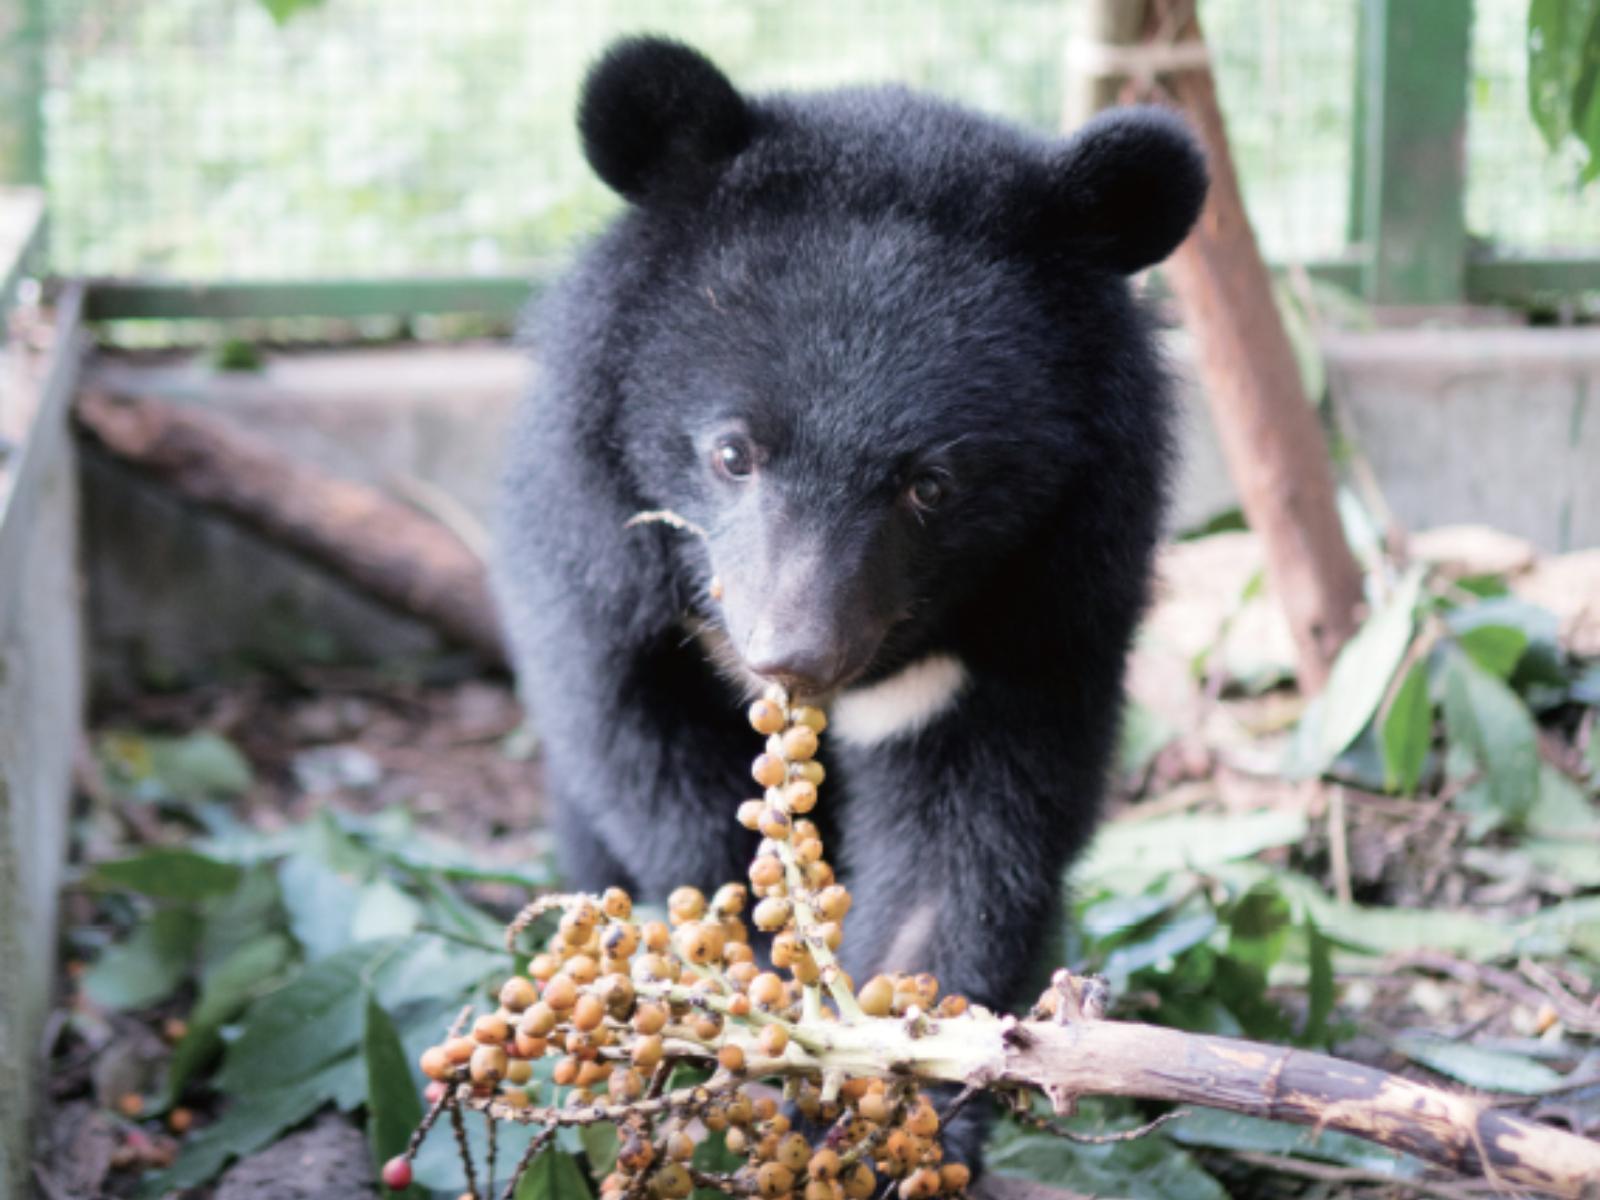 南安小熊野放成功背後的重要推手:黃美秀研究臺灣黑熊 23 年。用專業的愛送牠回家 | 女子學